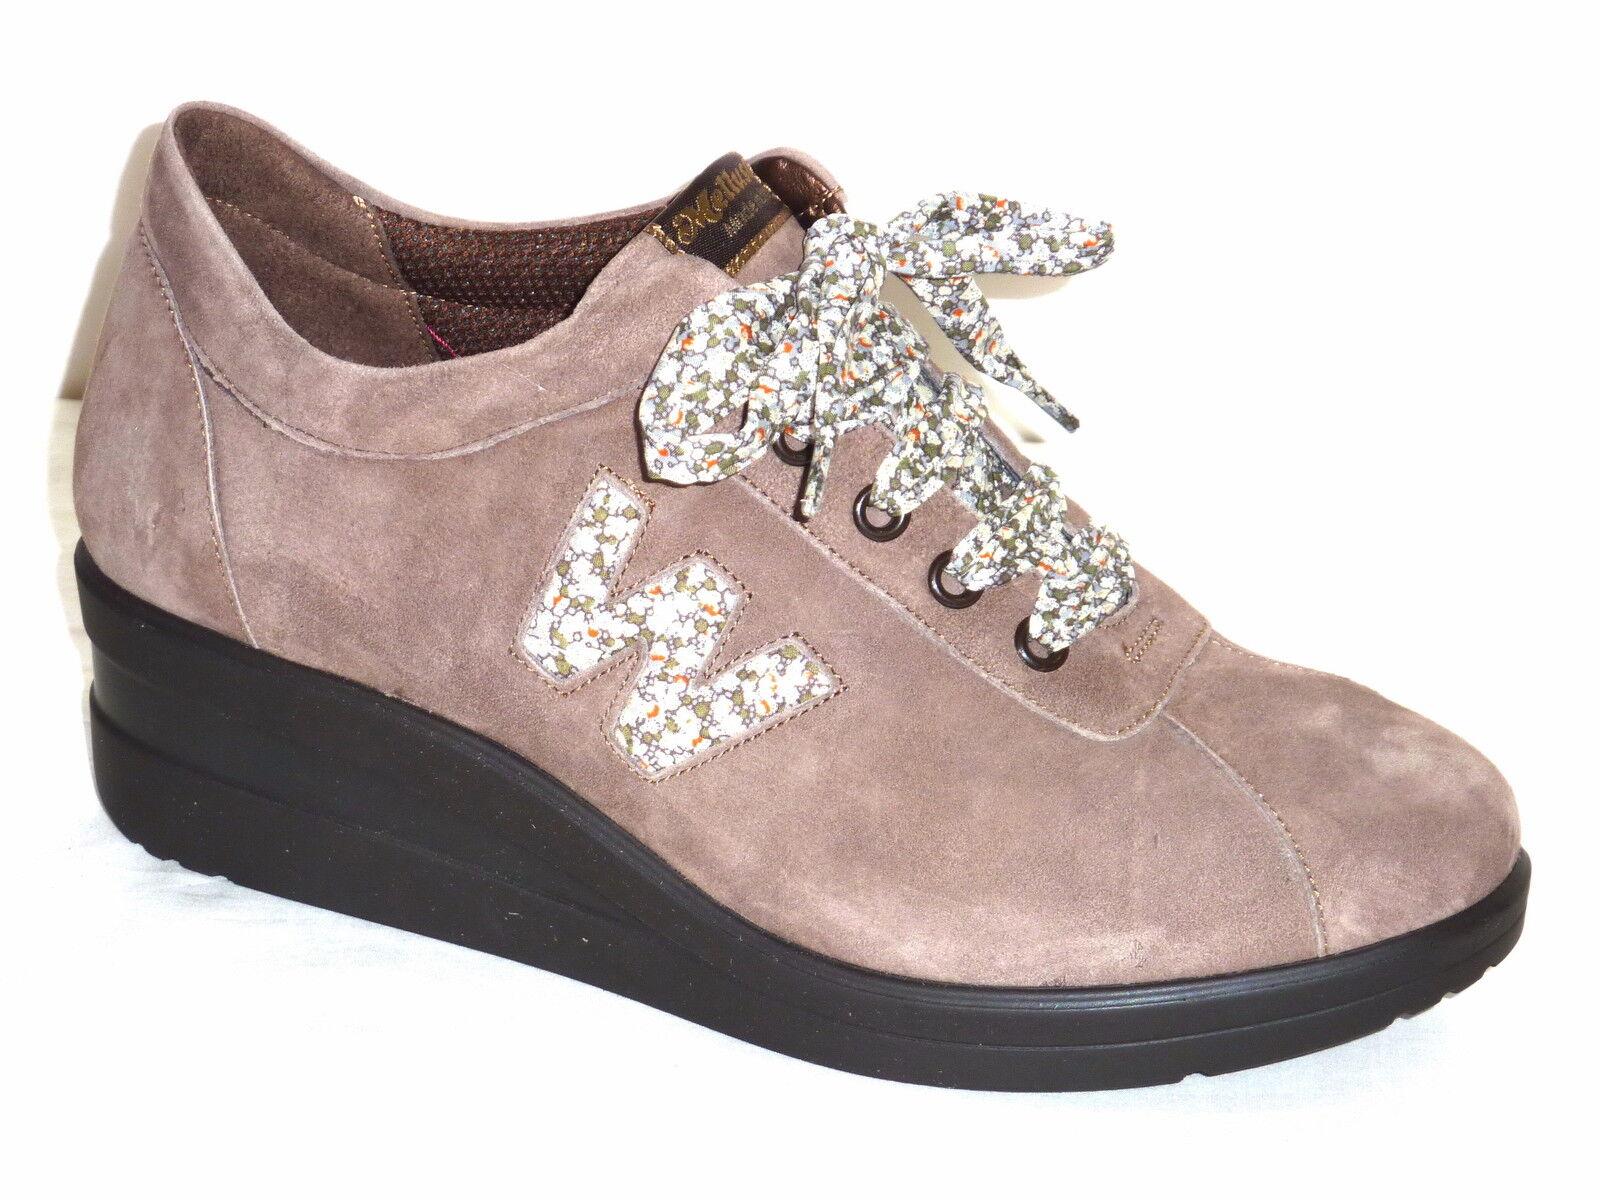 Los últimos zapatos de descuento para hombres y mujeres Barato y cómodo R0880 MELLUSO MUJER ZAPATILLAS DE DEPORTE PIEL NOBUCK COLOR CASTOR TENIS MODE